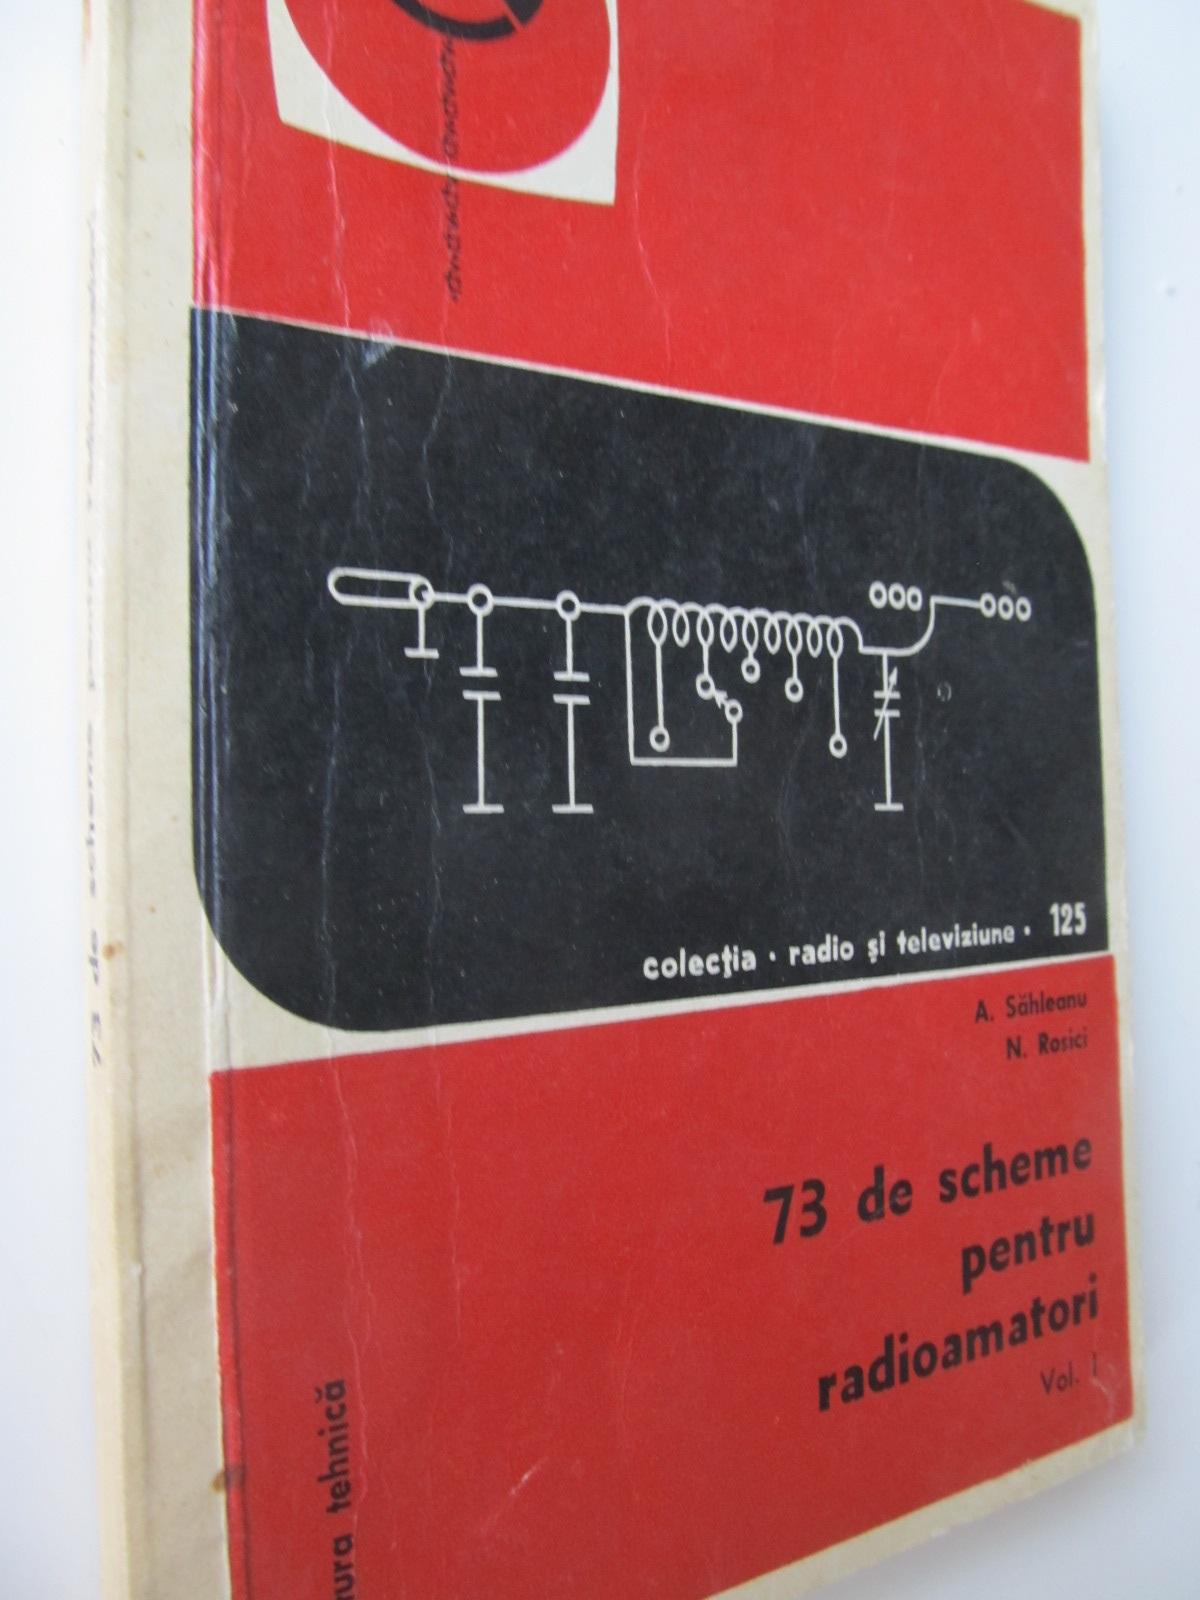 73 de scheme pentru radioamatori (vol. 1) - A. Sahleanu , ...   Detalii carte